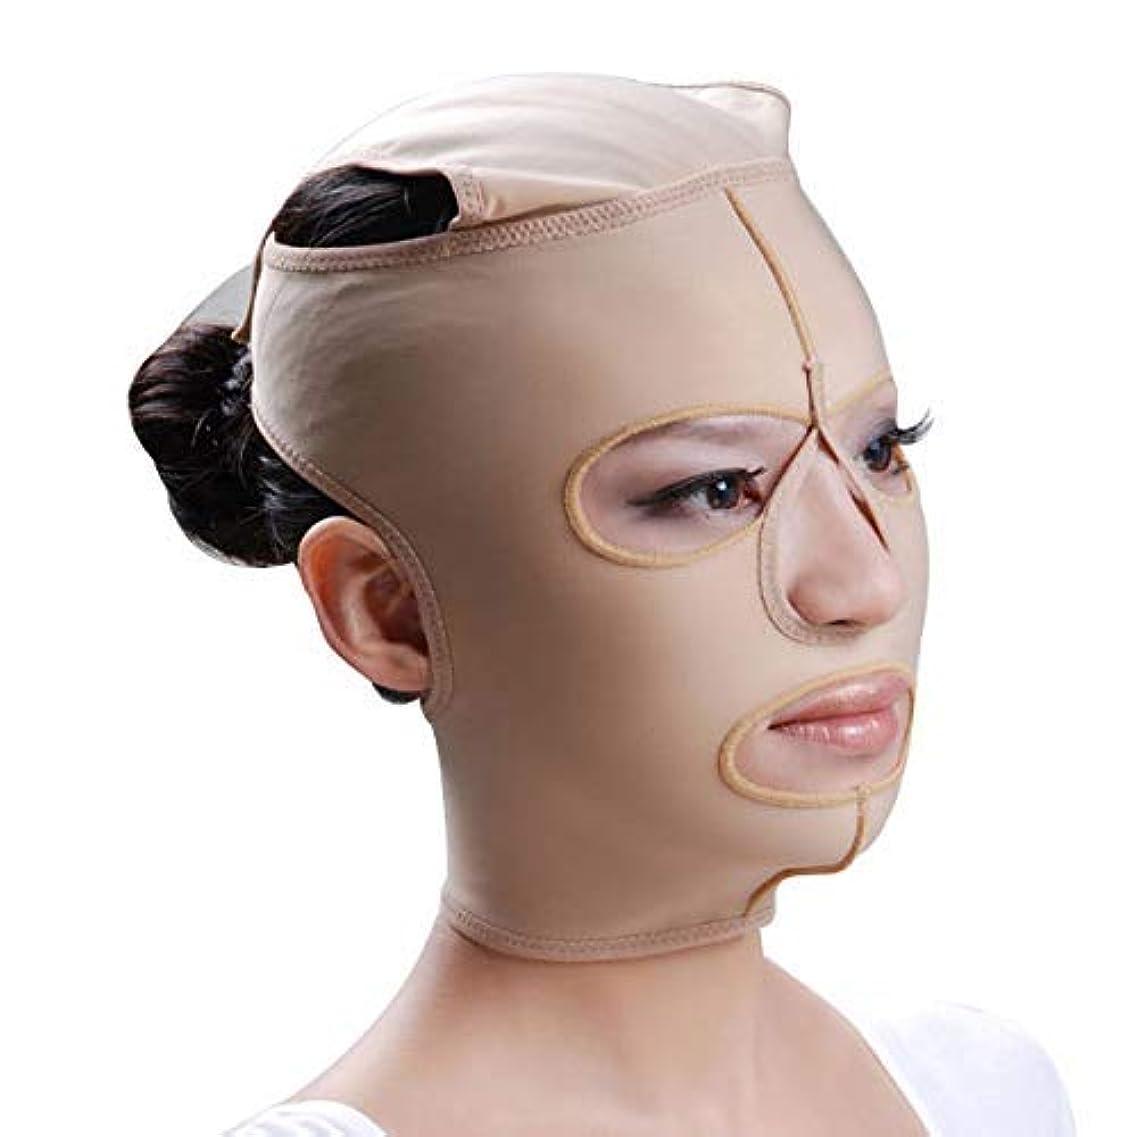 人差し指ジェームズダイソンオセアニアファーミングフェイスマスク、フェイシャルマスクエラスティックフェイスリフティングリフティングファーミングパターンマイクロフィニッシングポストモデリングコンプレッションフェイスマスク(サイズ:S),M